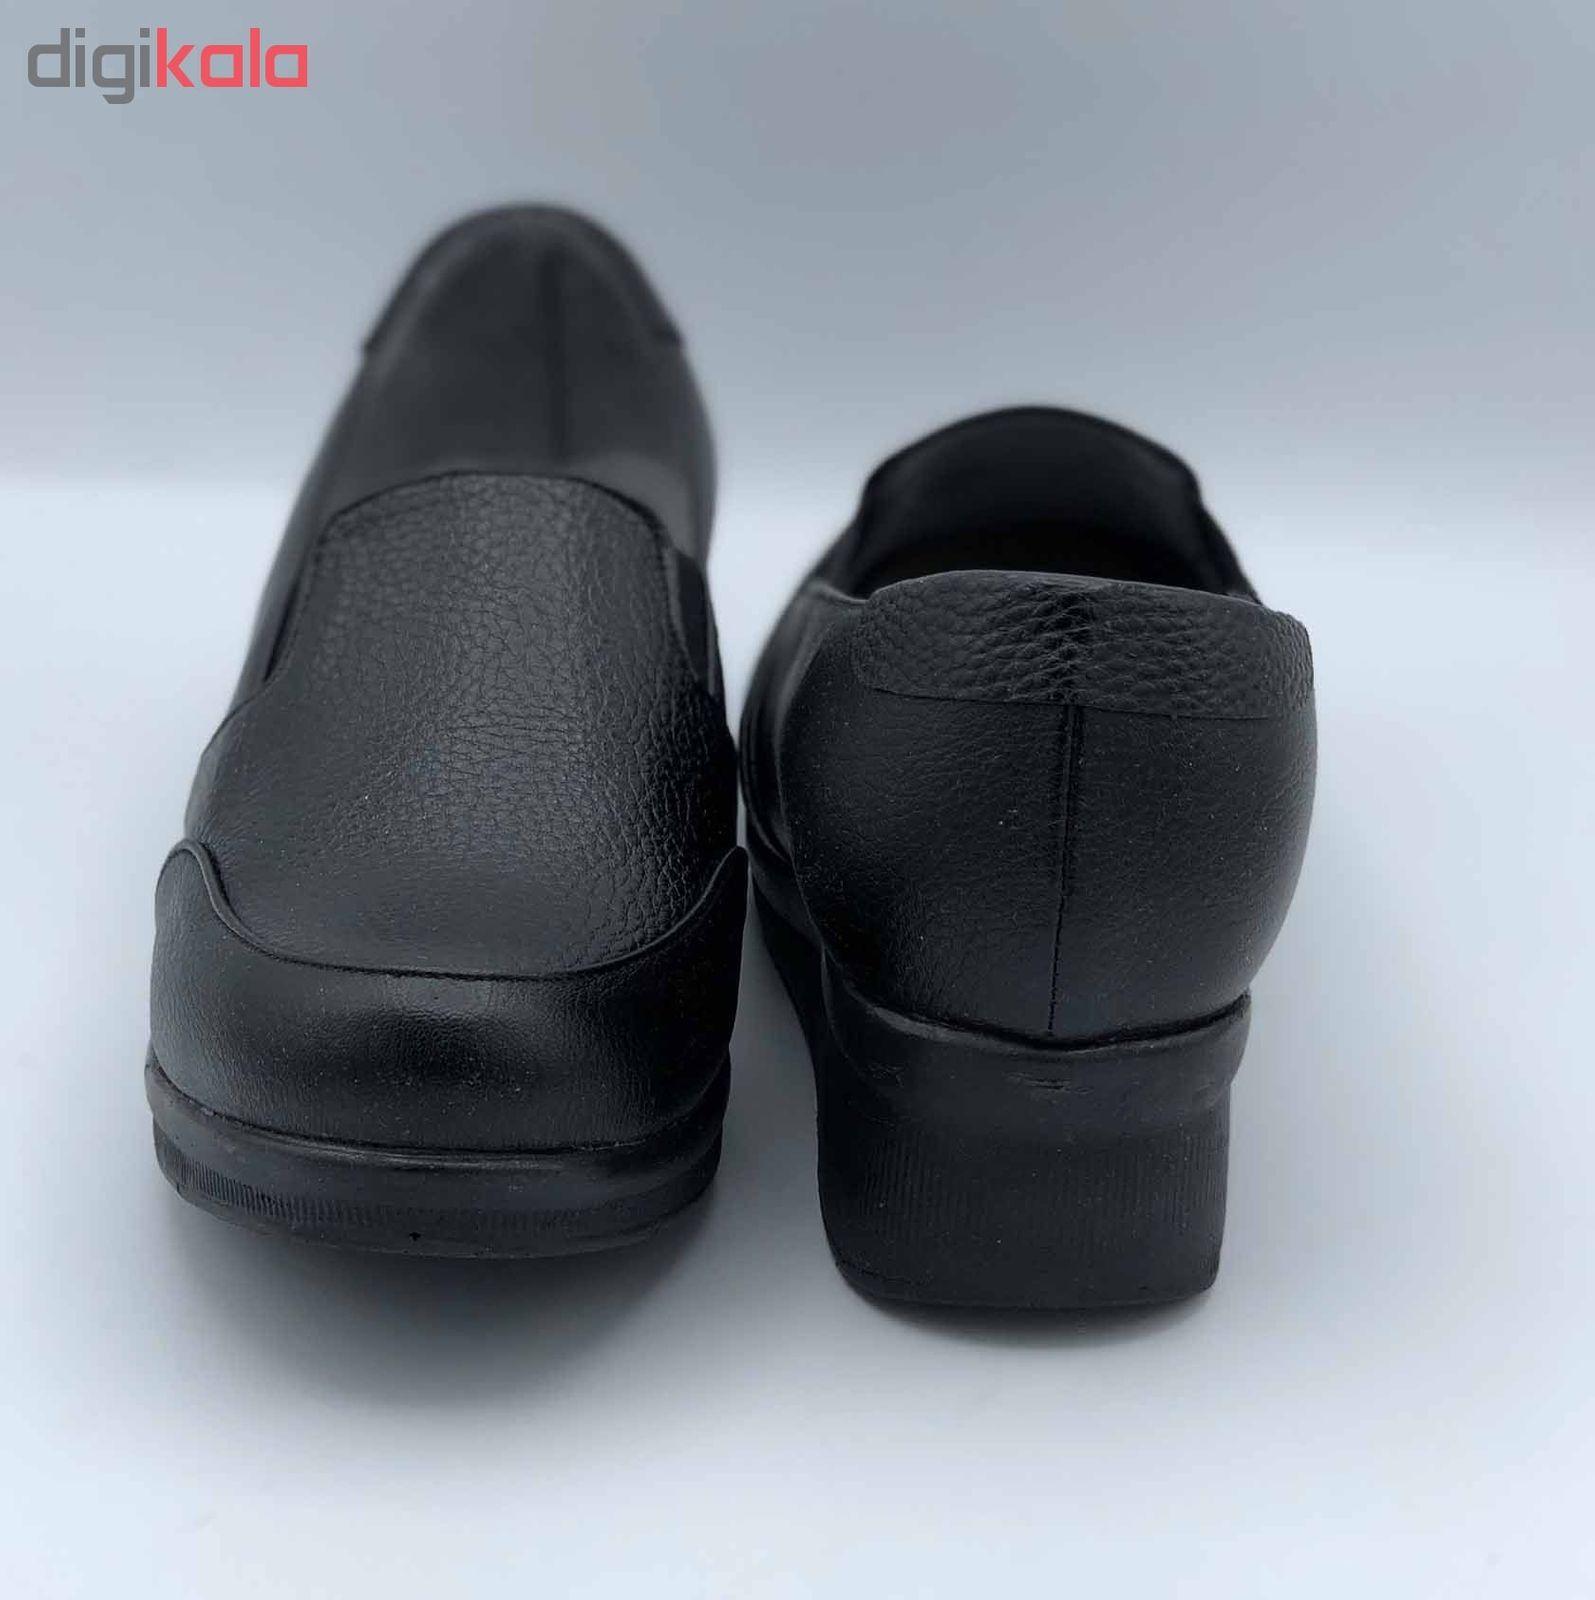 کفش طبی زنانه کد 2014 main 1 2